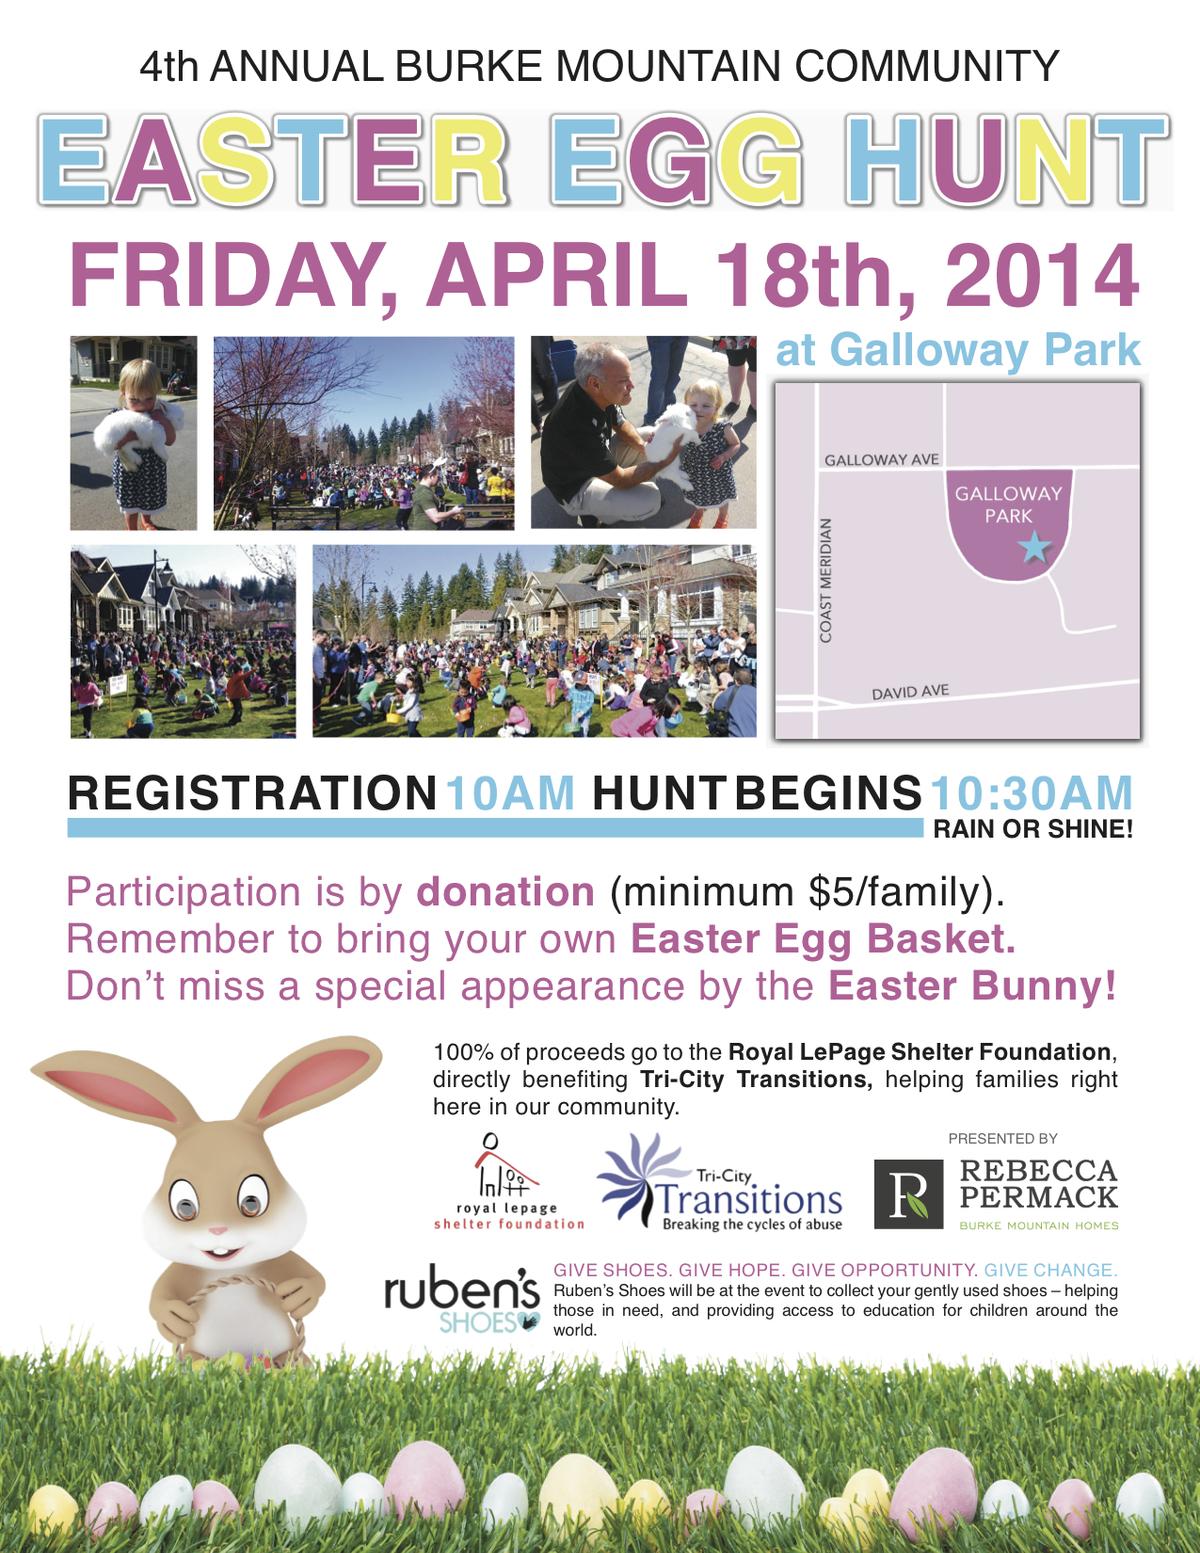 2014 Easter Egg Hunt Flyer